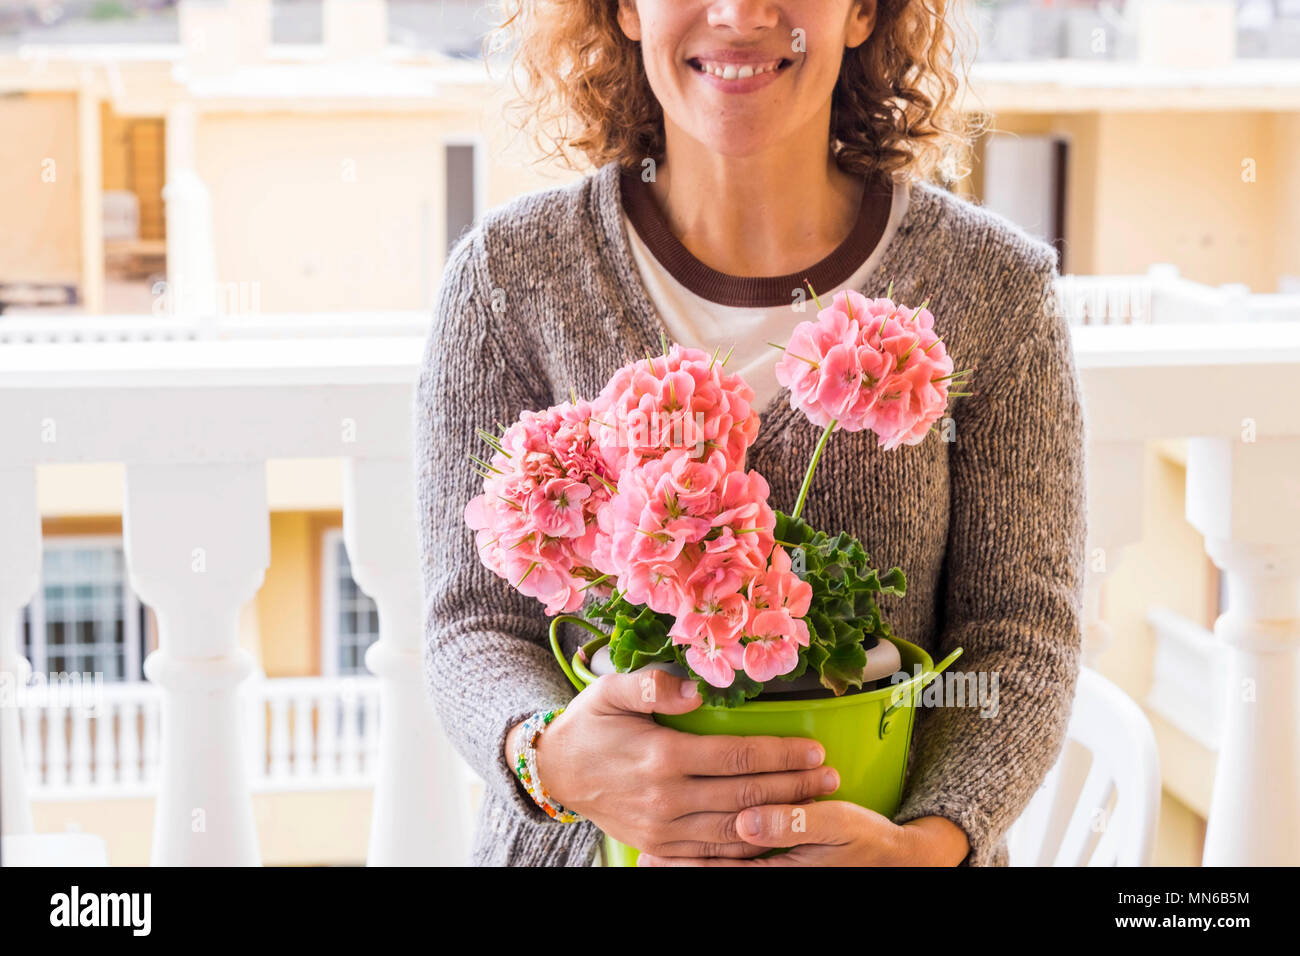 Beau moyen-âge caucasian woman sourire et protéger ses fleurs ayant soin d'eux avec une accolade. Terrasse extérieure à la scène avec des couleurs de sprin Banque D'Images